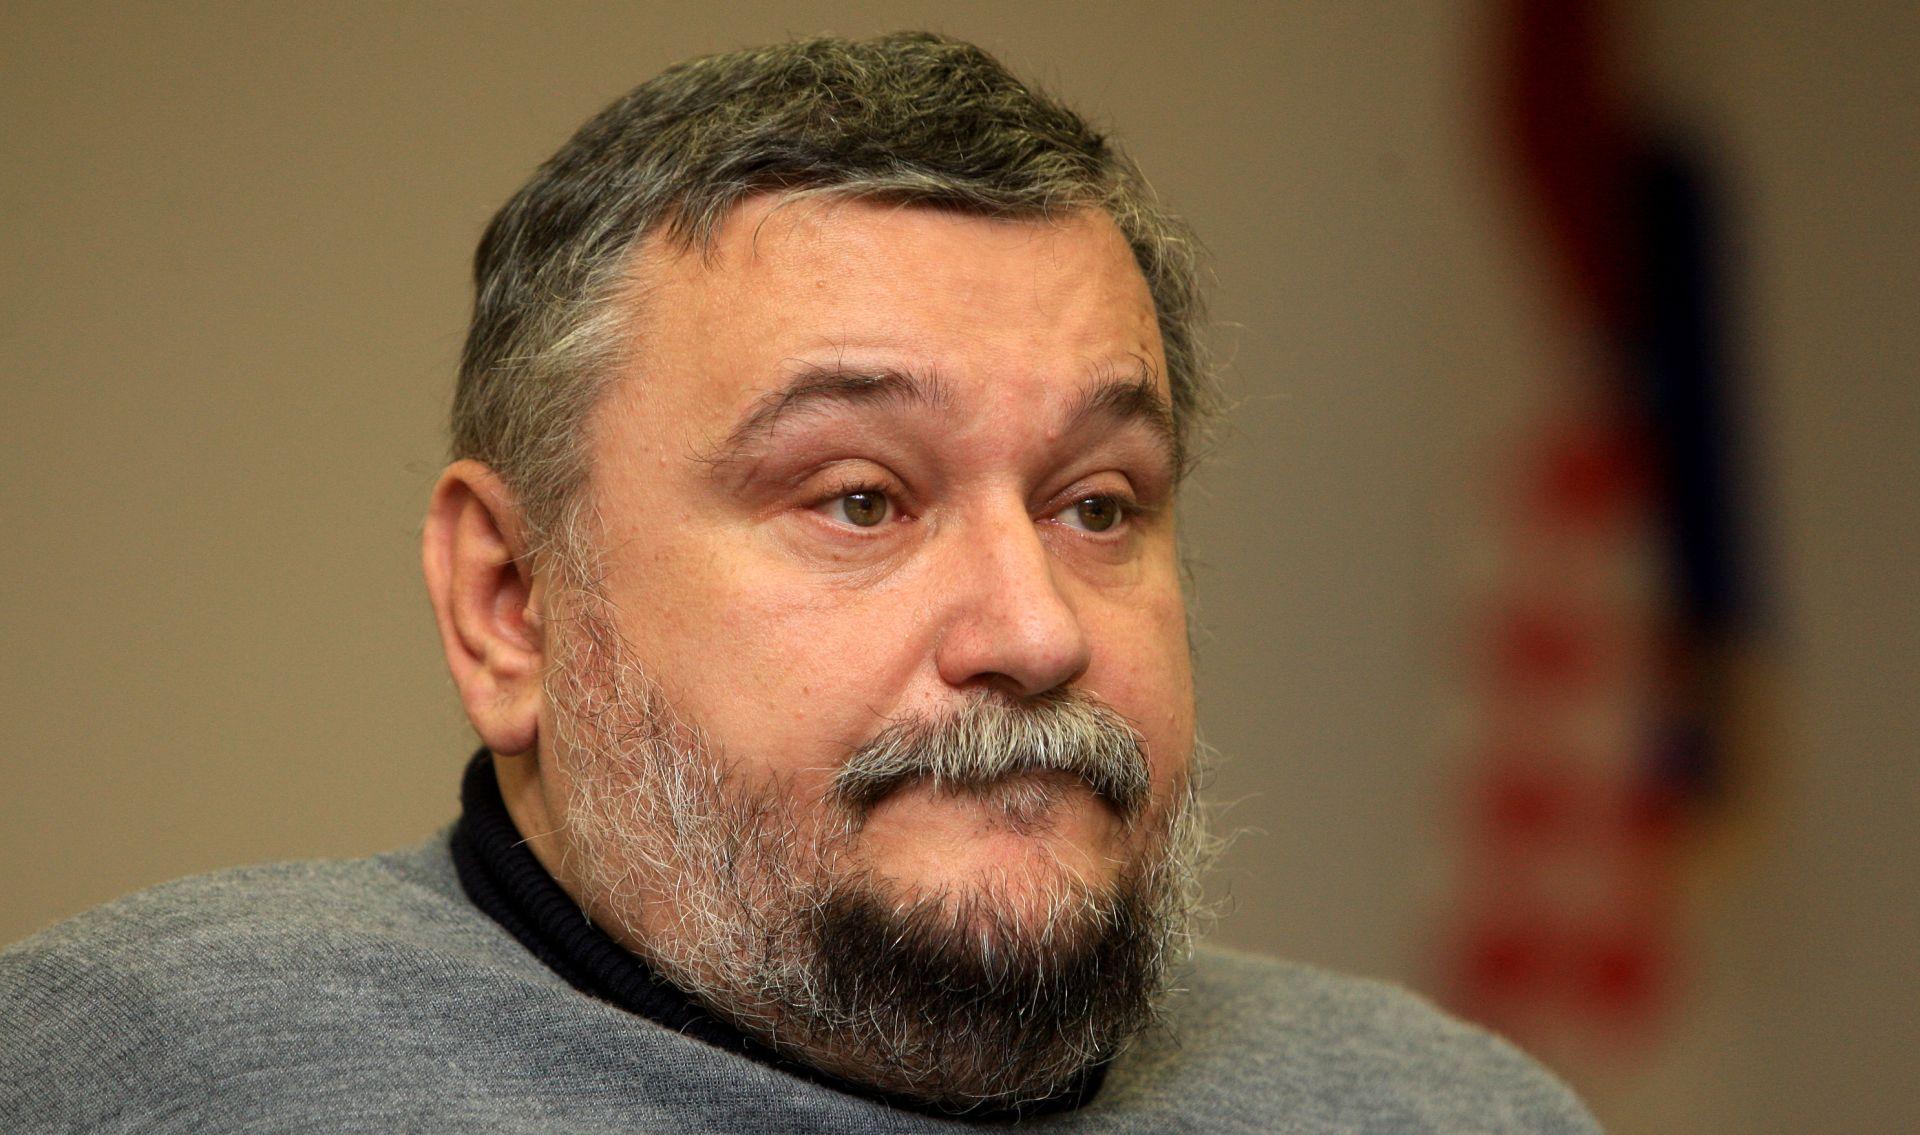 Gjenero: Karamarko je danas trebao dati ostavku